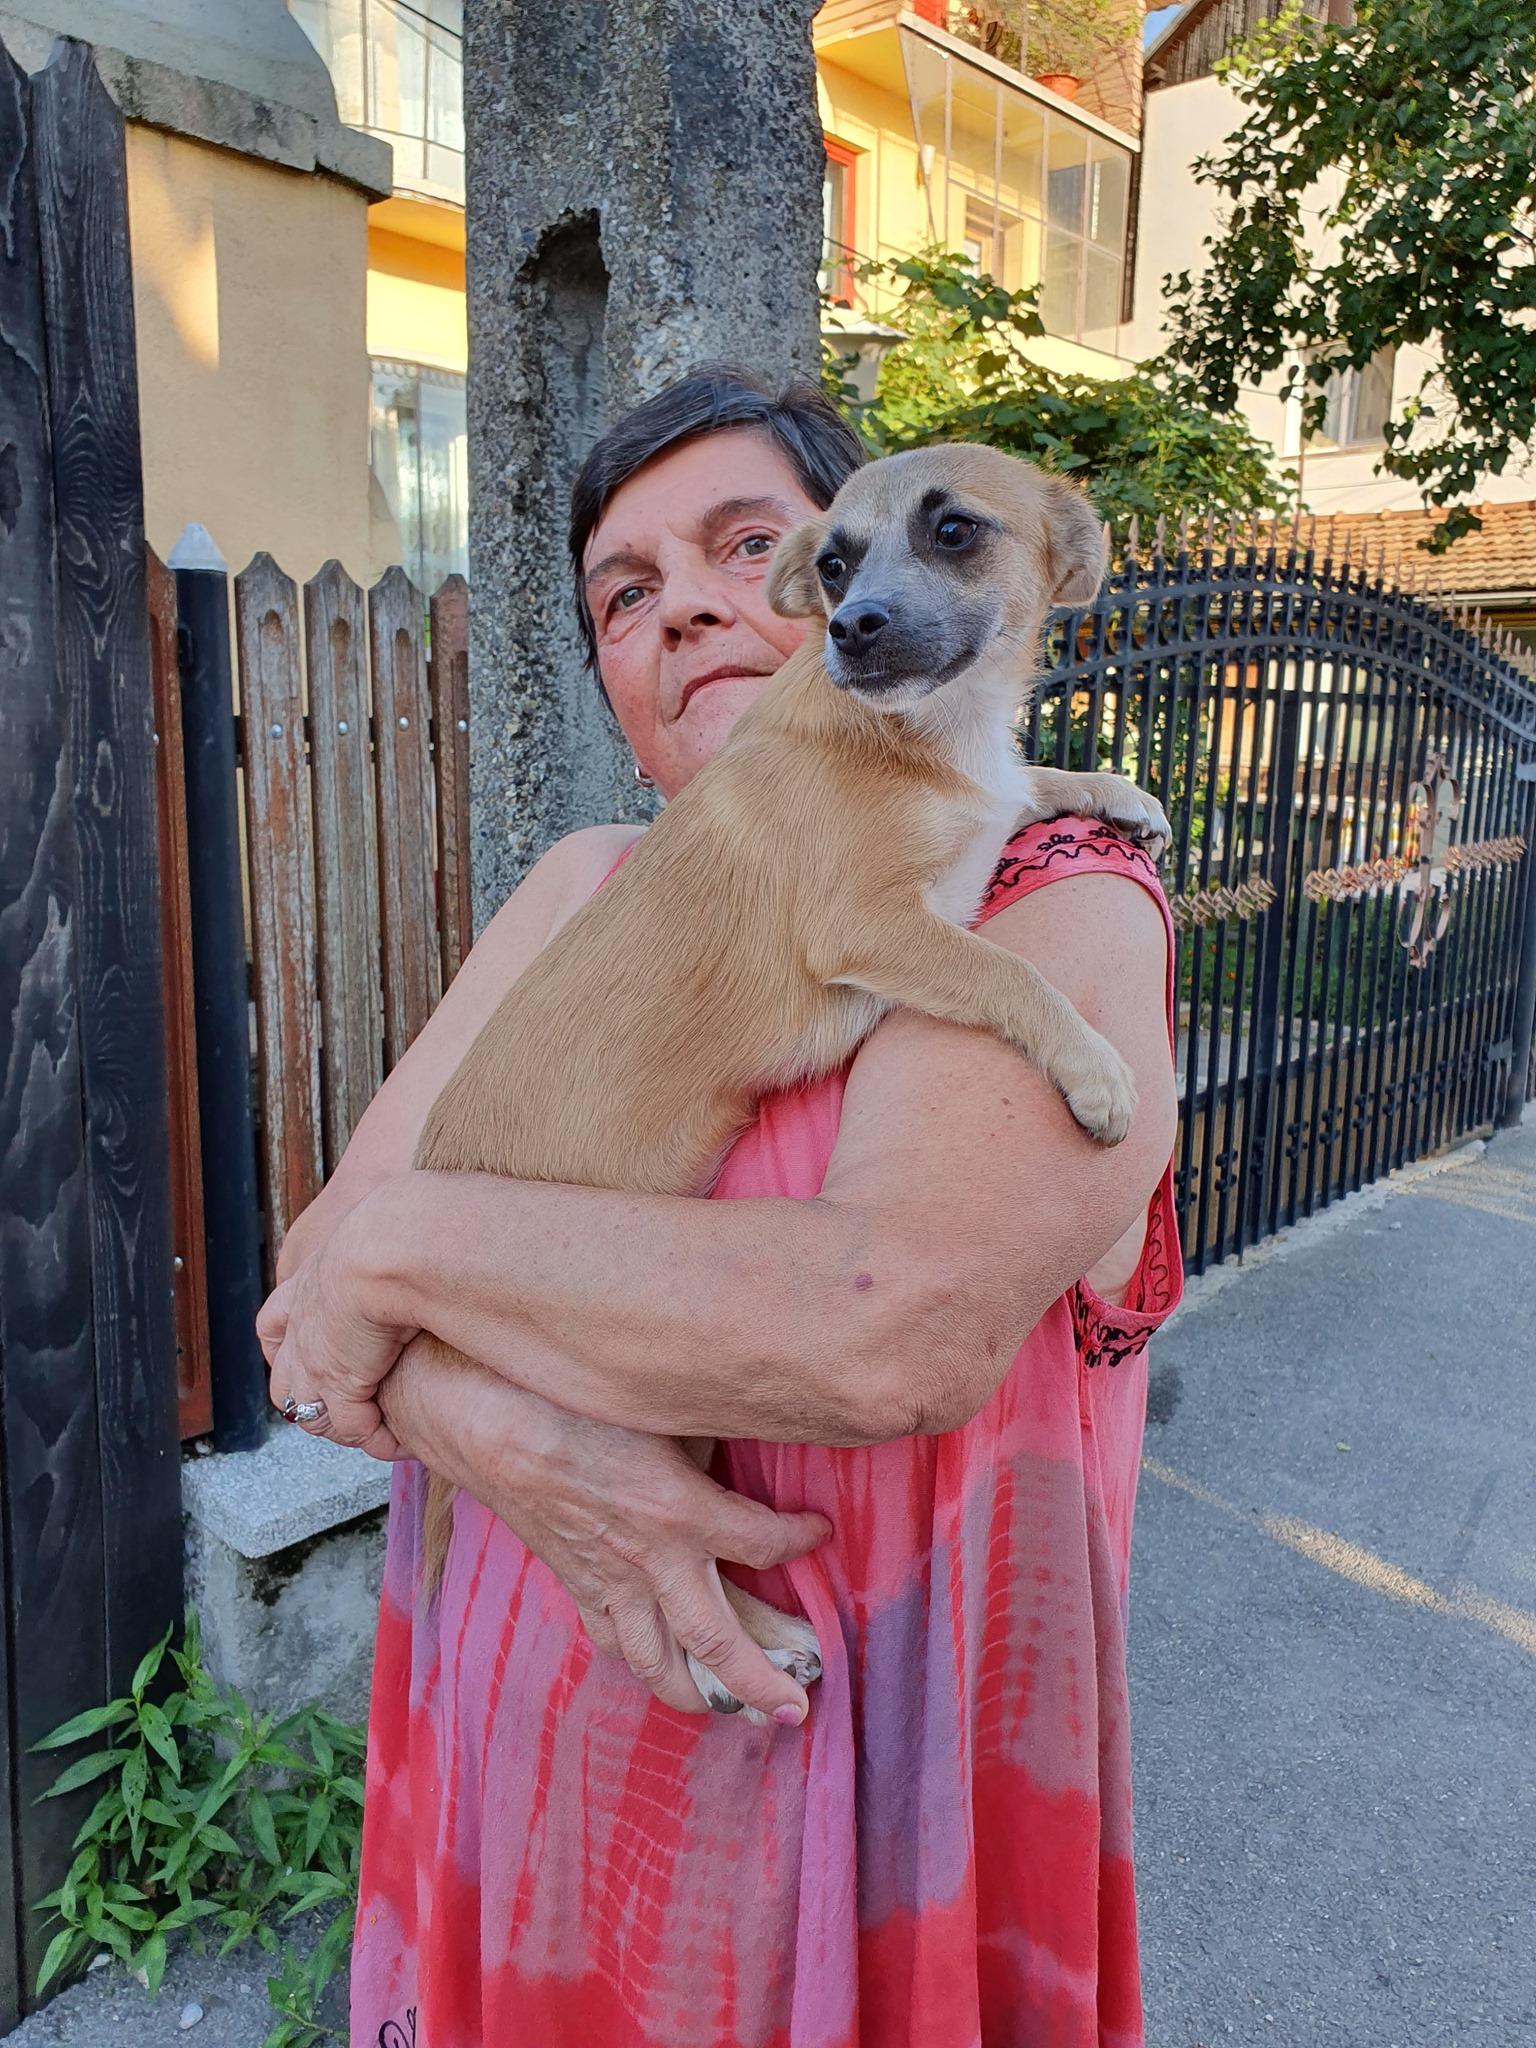 Campanie de sterilizare pisici și câini- Câmpina- un cățel cuminte își așteaptă rândul în brațele stăpânei